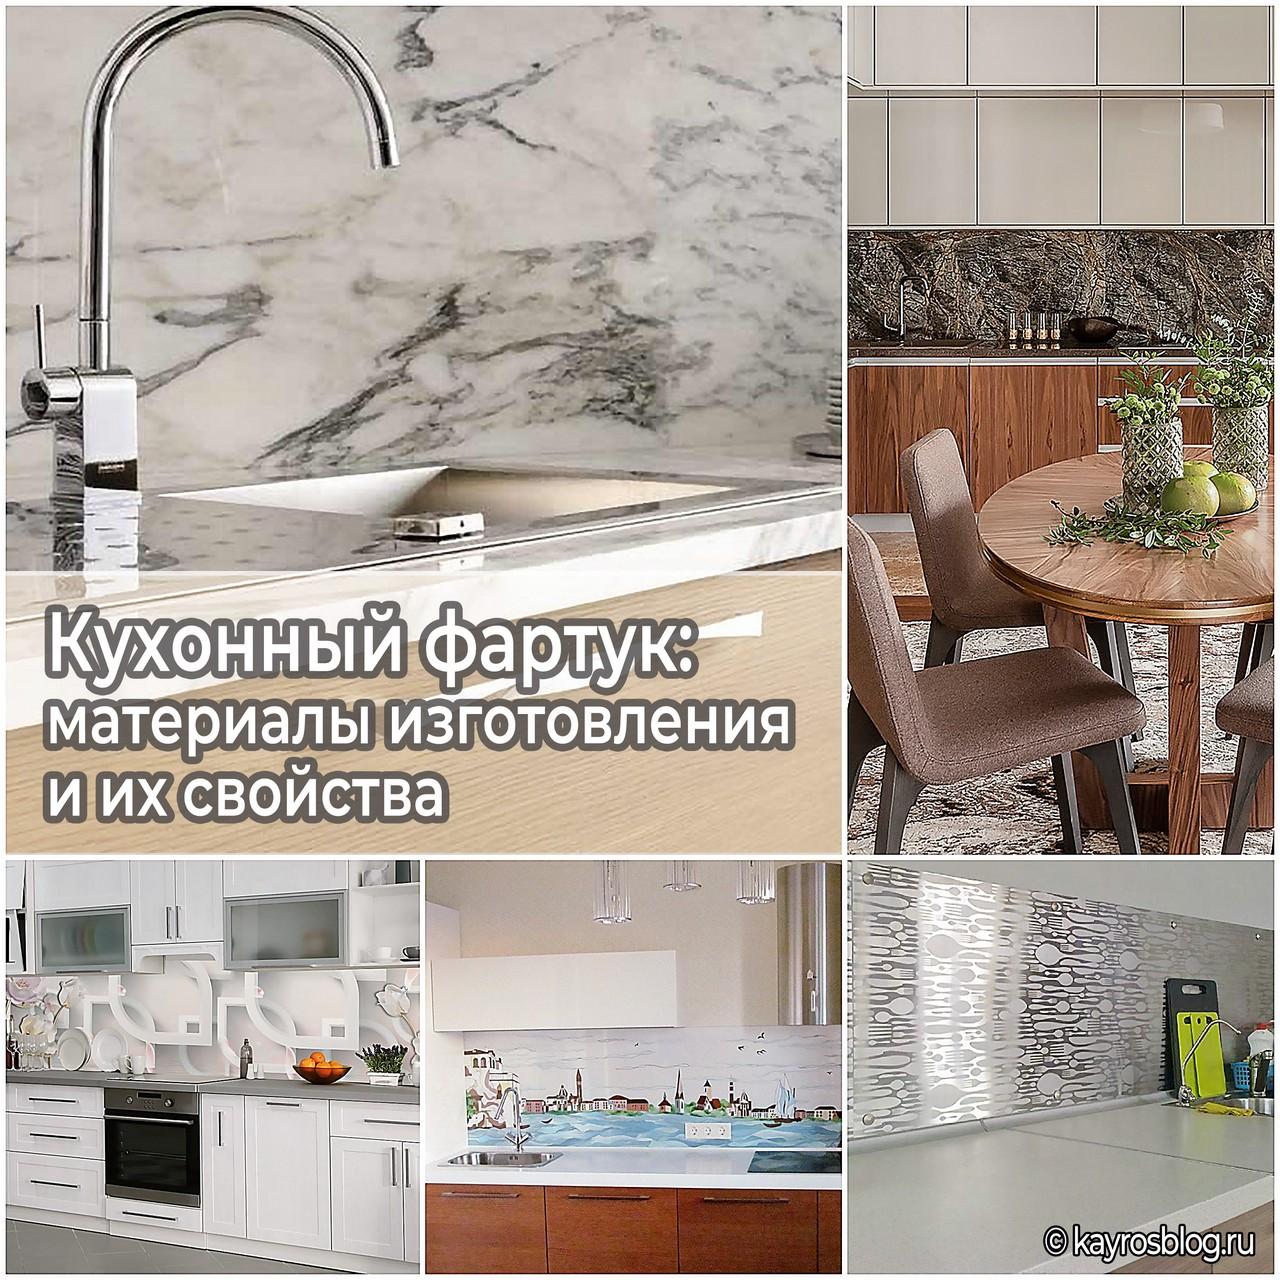 Кухонный фартук: материалы изготовления и их свойства